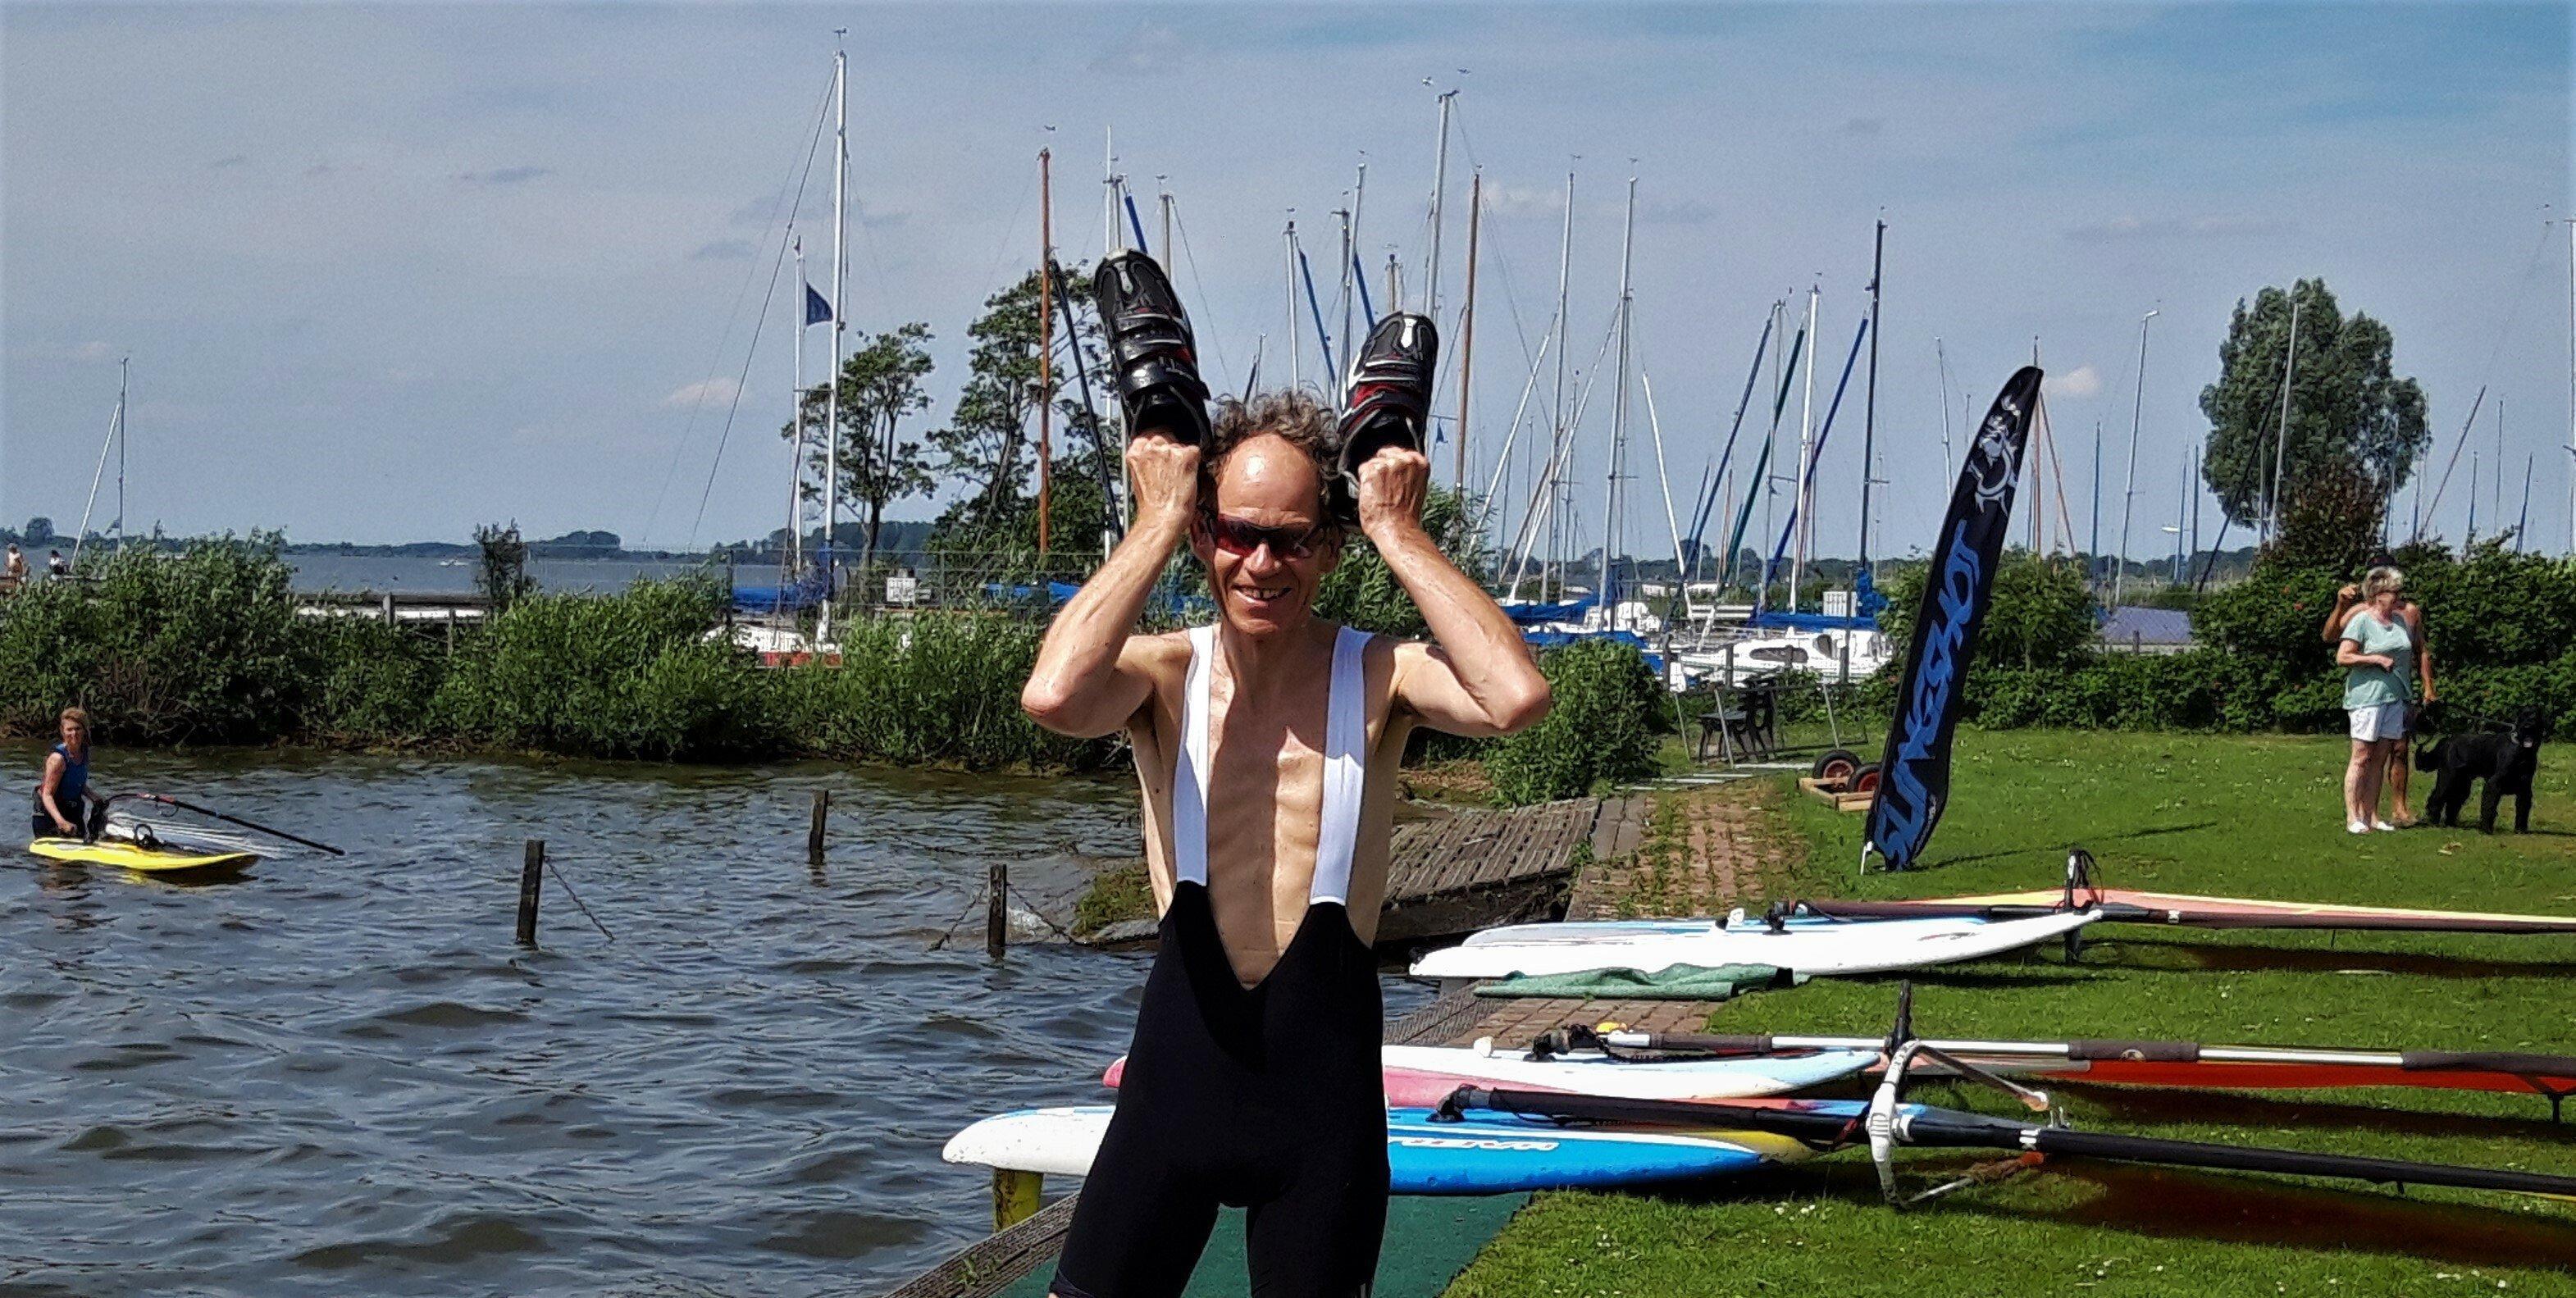 Autor Martin C posiert mit den Radschuhen in der Hand am vom Wind aufgewühlten Wasser des Sees.